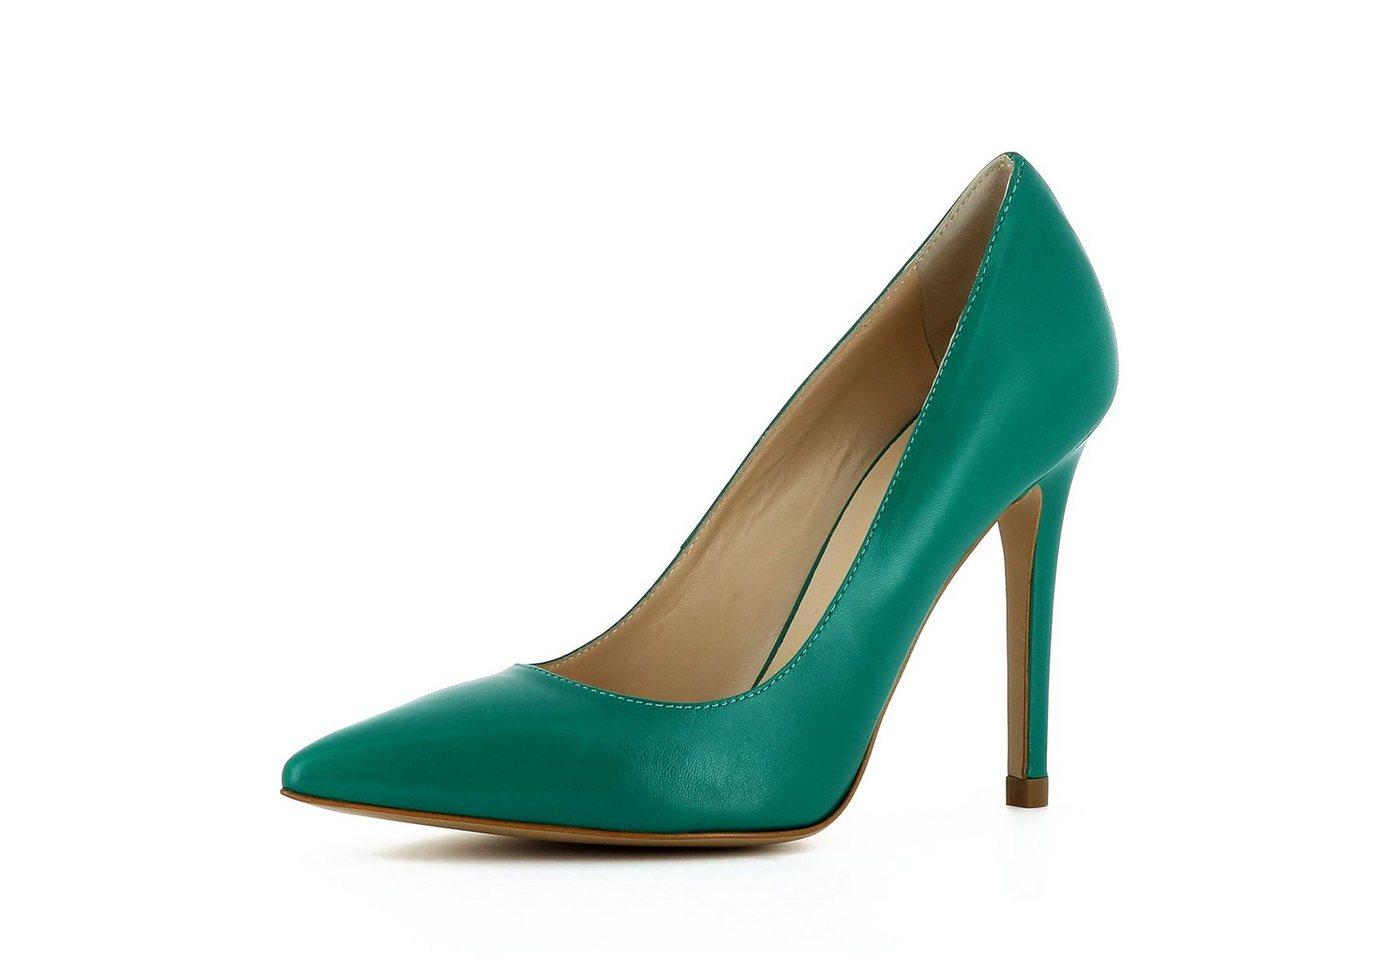 Evita »ALINA« High-Heel-Pumps | Schuhe > High Heels > High Heel Pumps | Grün | Evita